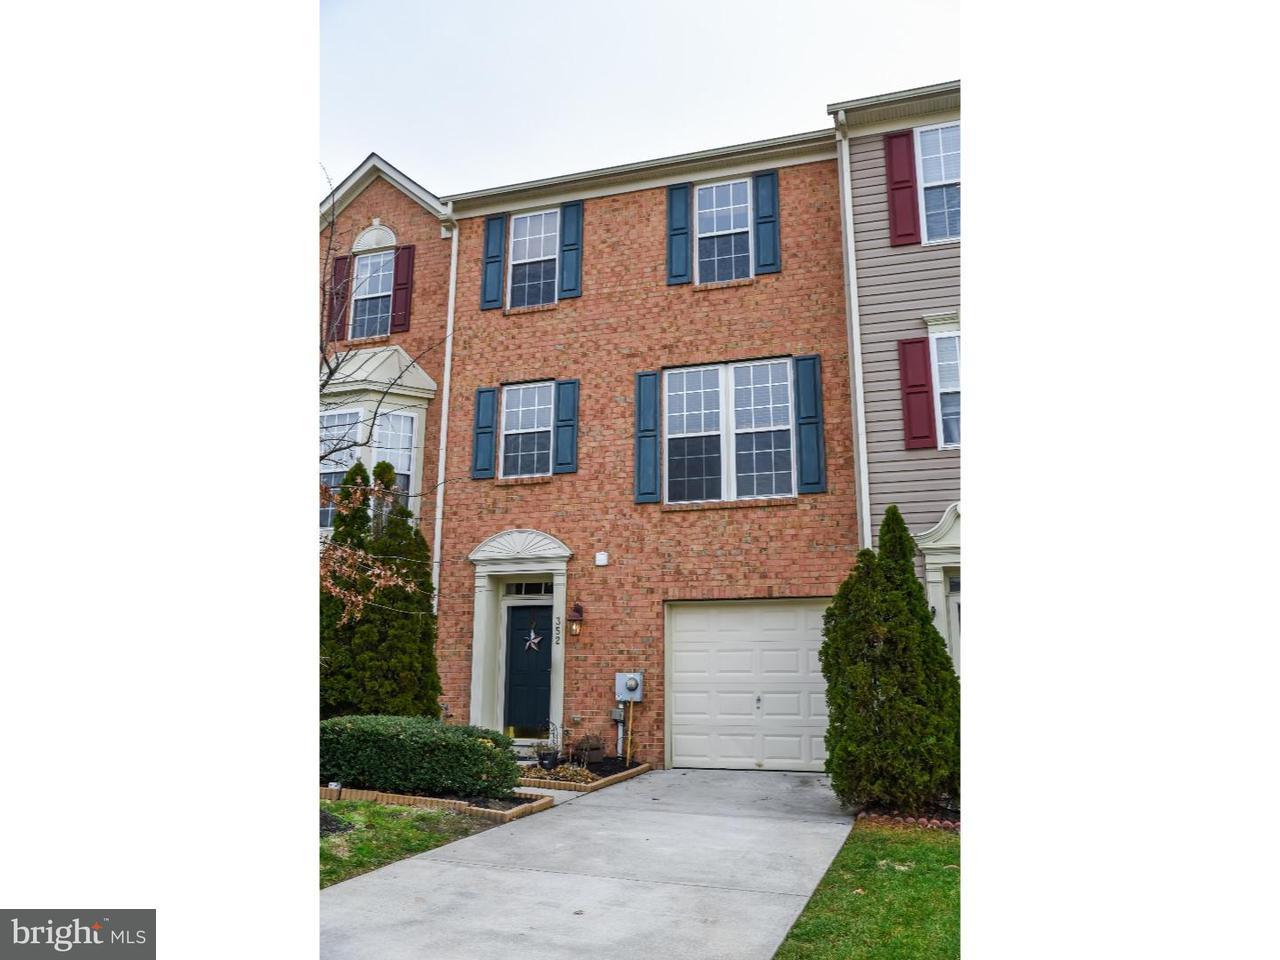 Casa unifamiliar adosada (Townhouse) por un Alquiler en 352 CONCETTA Drive Mount Royal, Nueva Jersey 08061 Estados Unidos